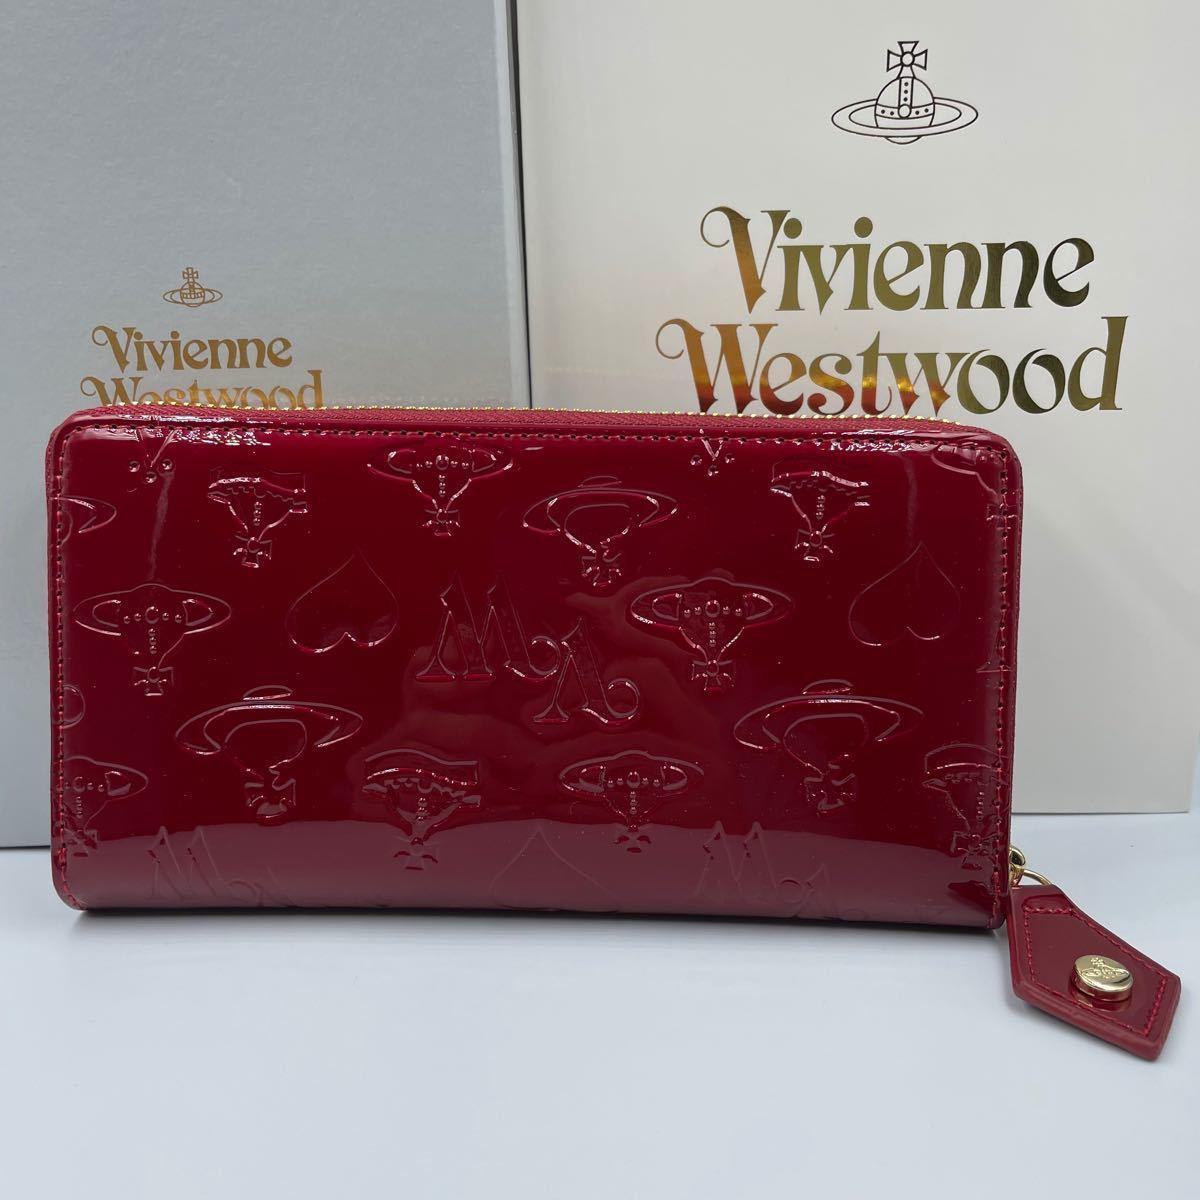 Vivienne Westwood ヴィヴィアンウエストウッド 長財布